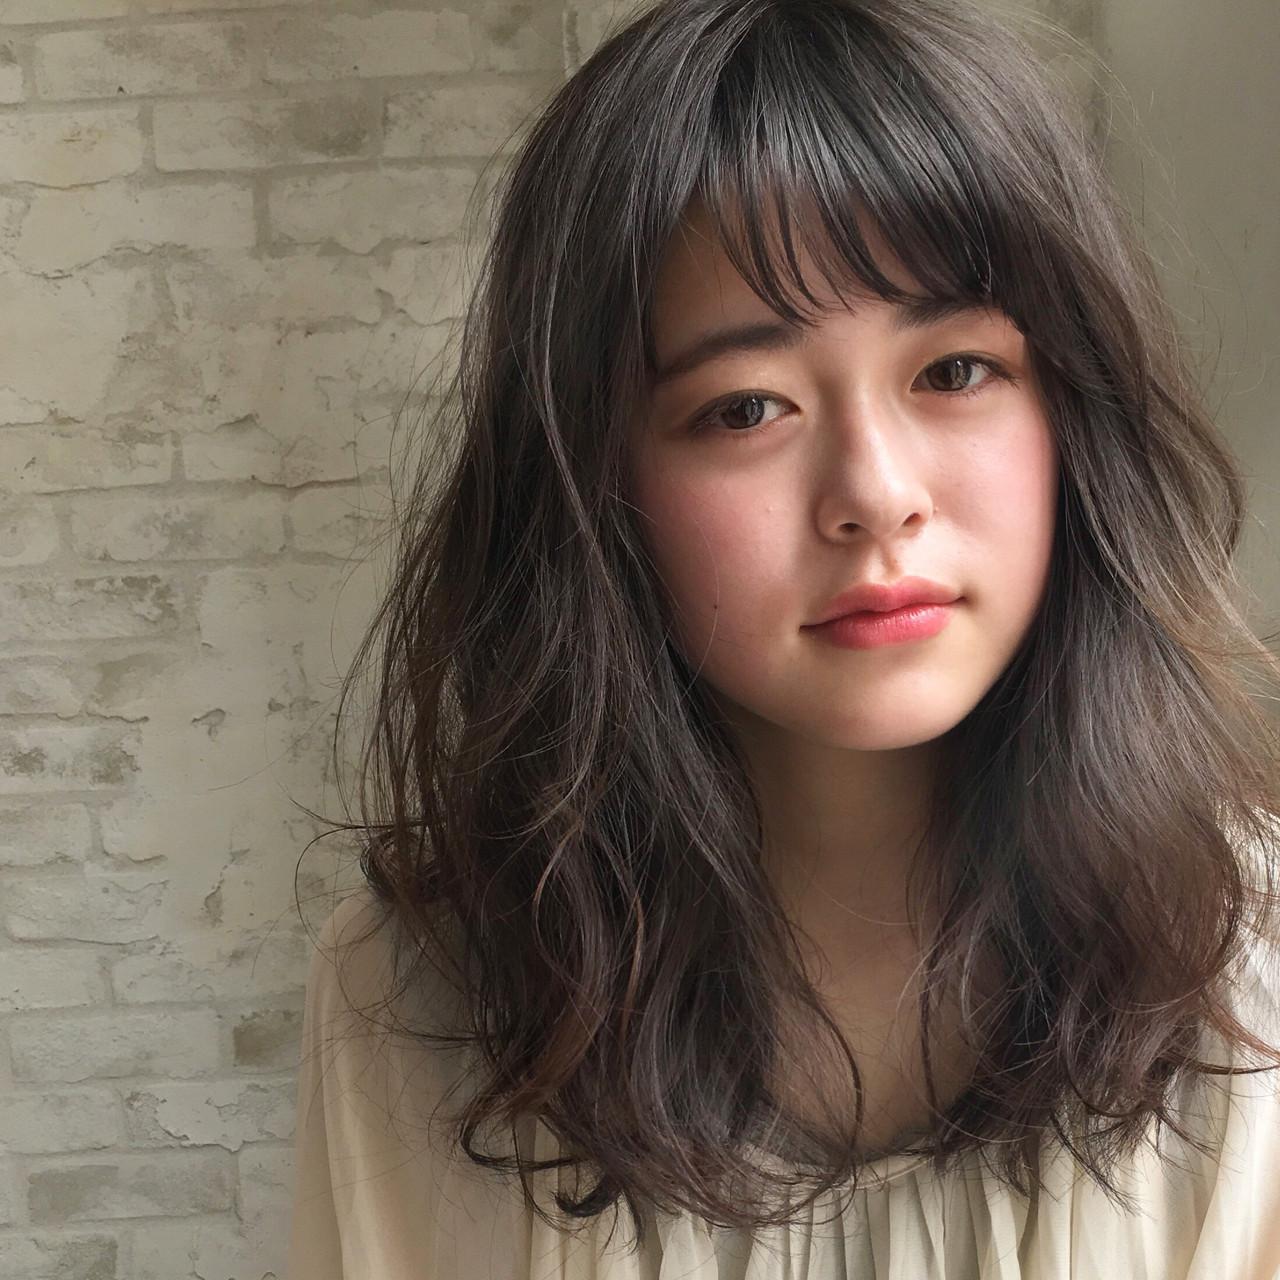 ミディアム 暗髪 アッシュ デート ヘアスタイルや髪型の写真・画像